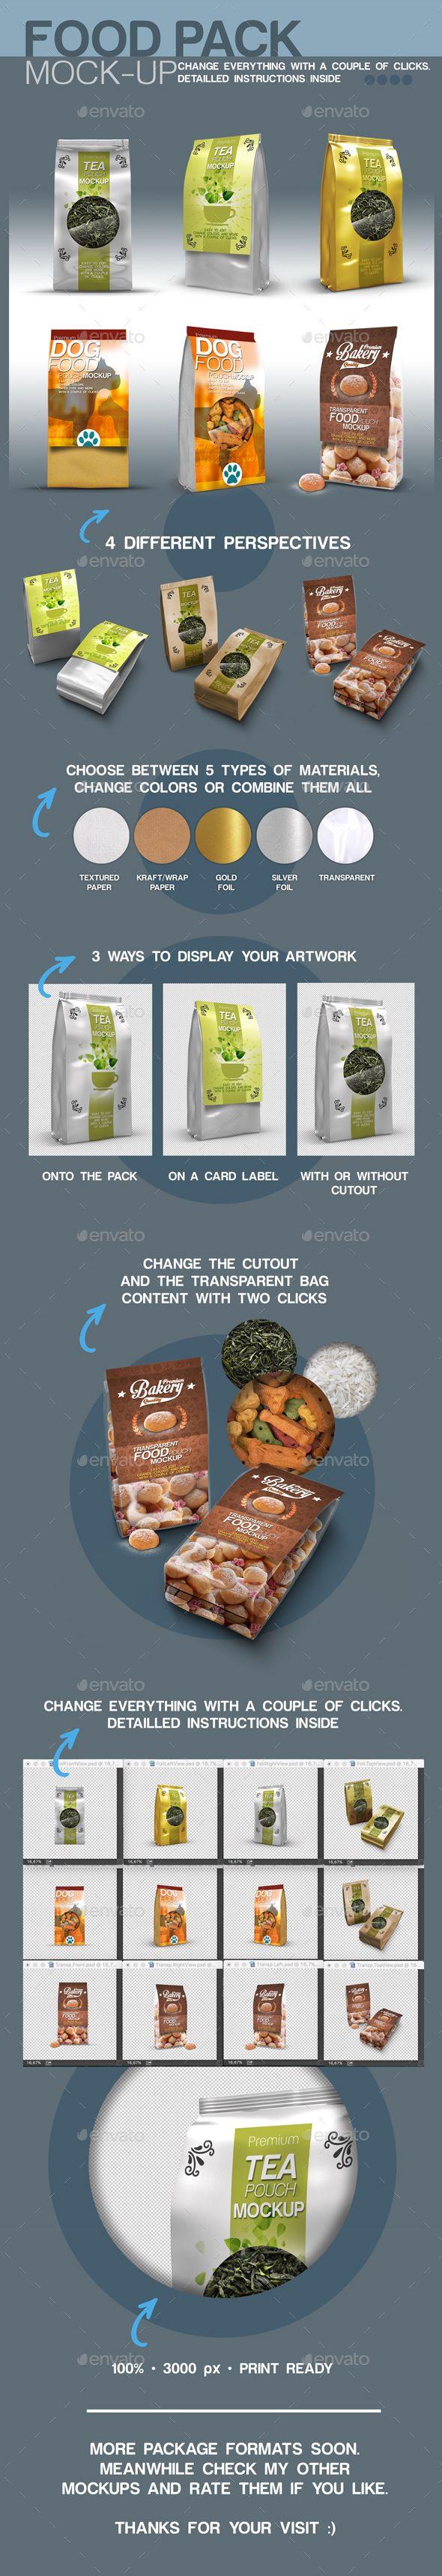 Premium Food Pack Mockup - Food and Drink Packaging